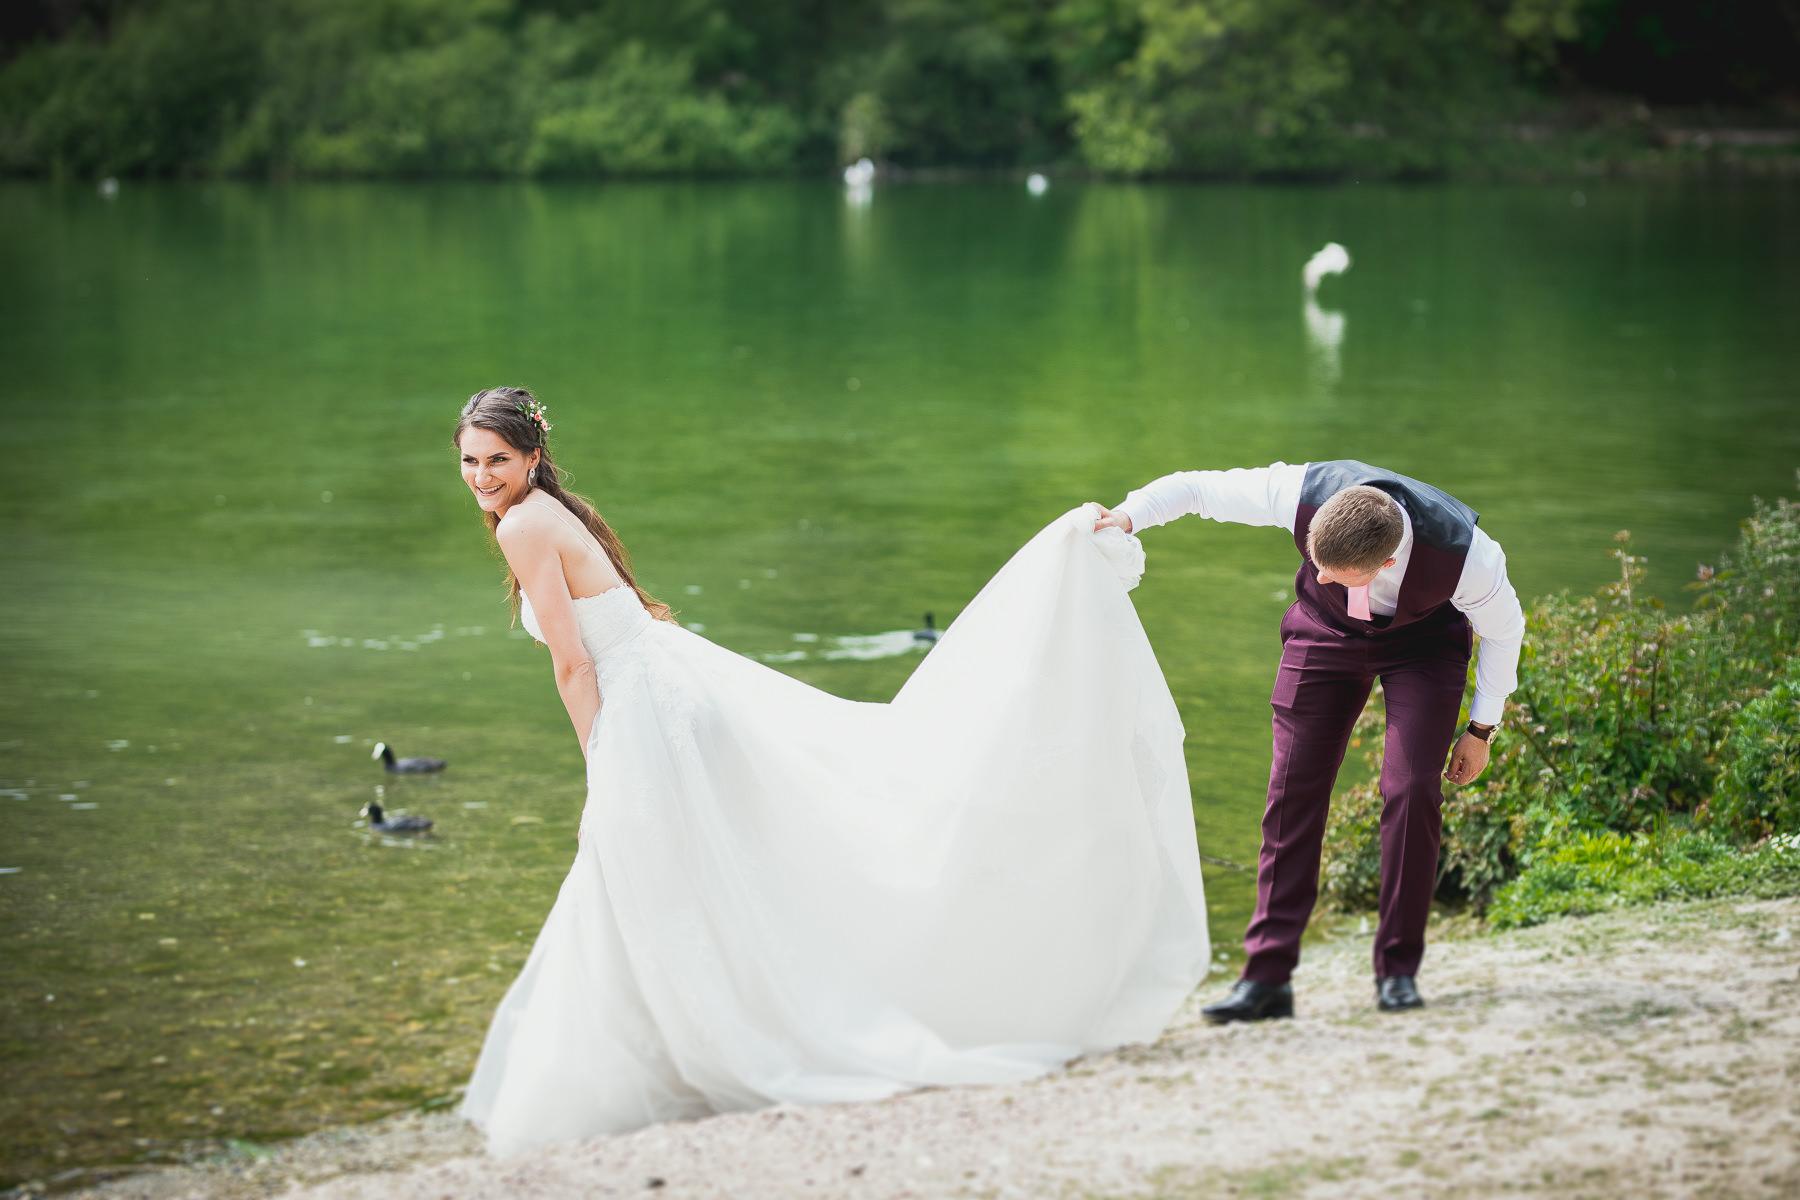 Dangira & Ignas Chichester Weddings VILCINSKAITE PHOTO 5.jpg